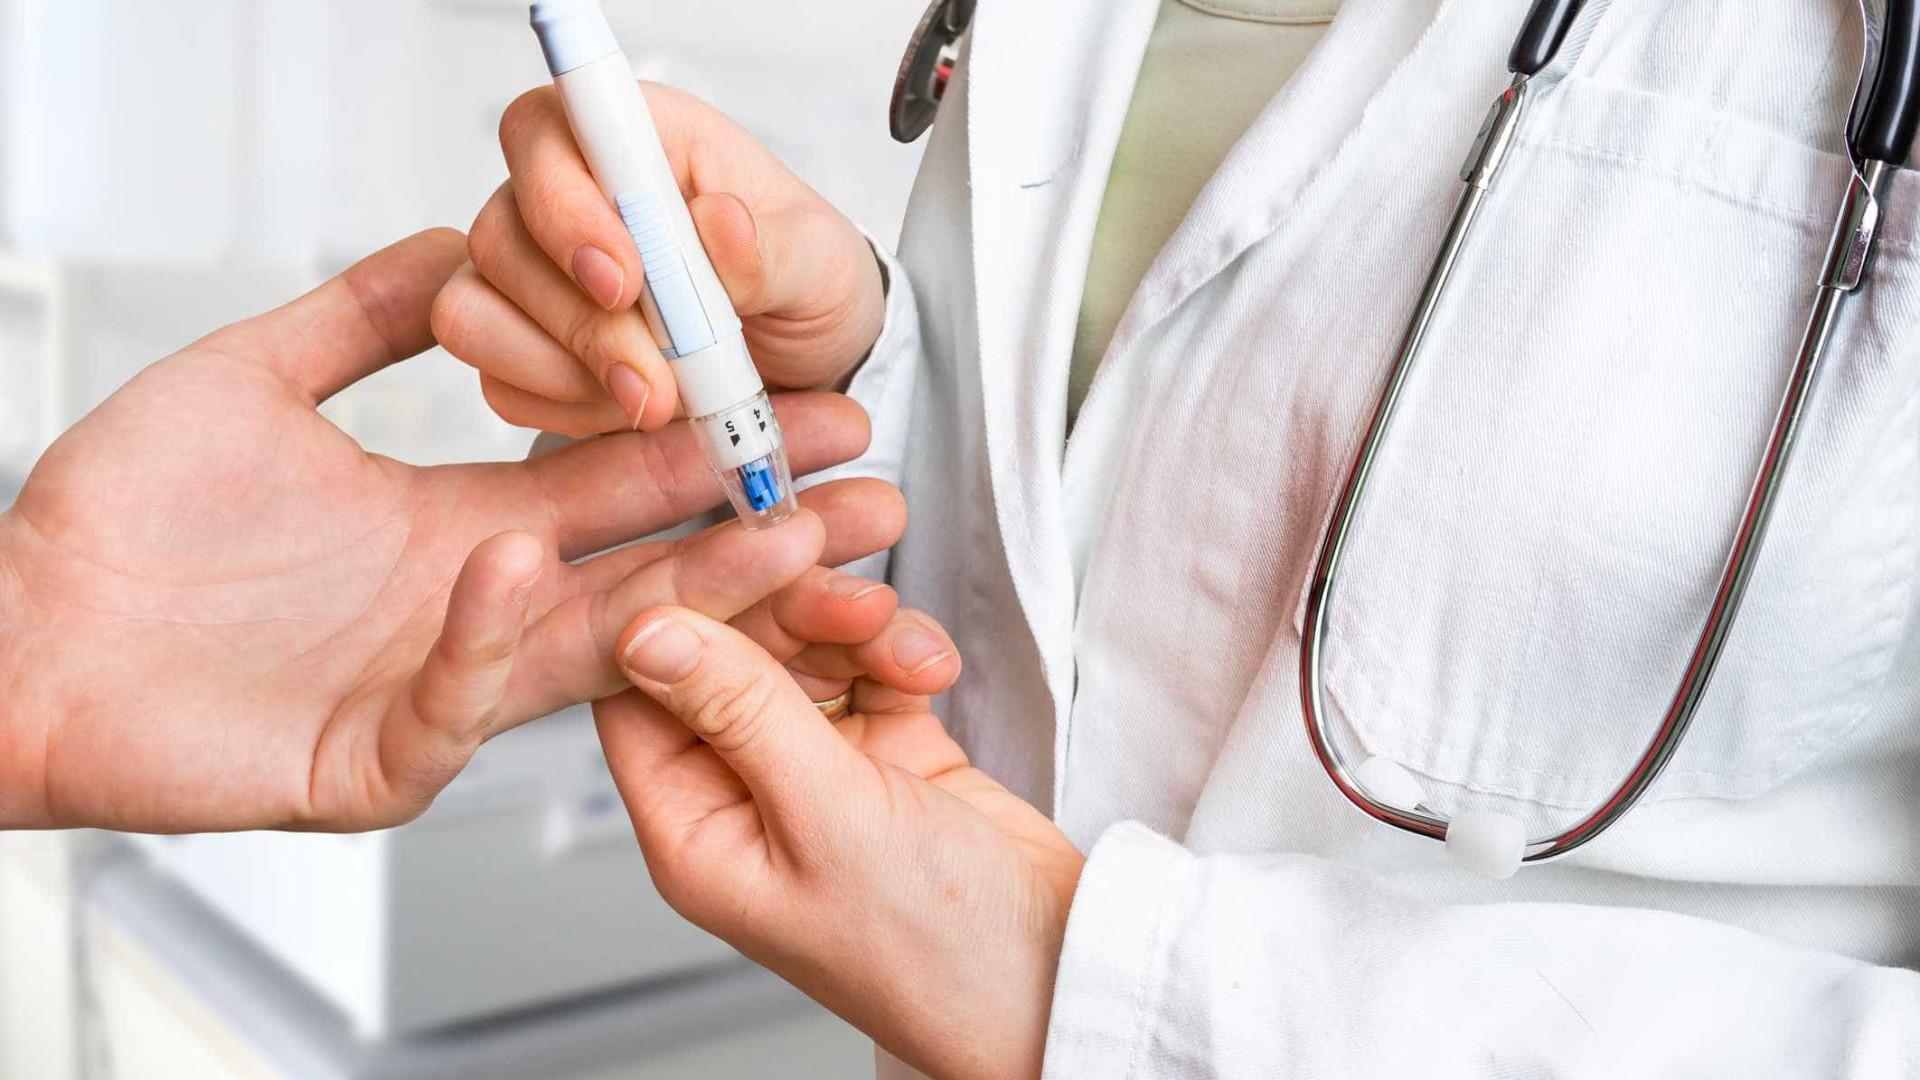 Diabetes e alimentação: como alcançar o equilíbrio?